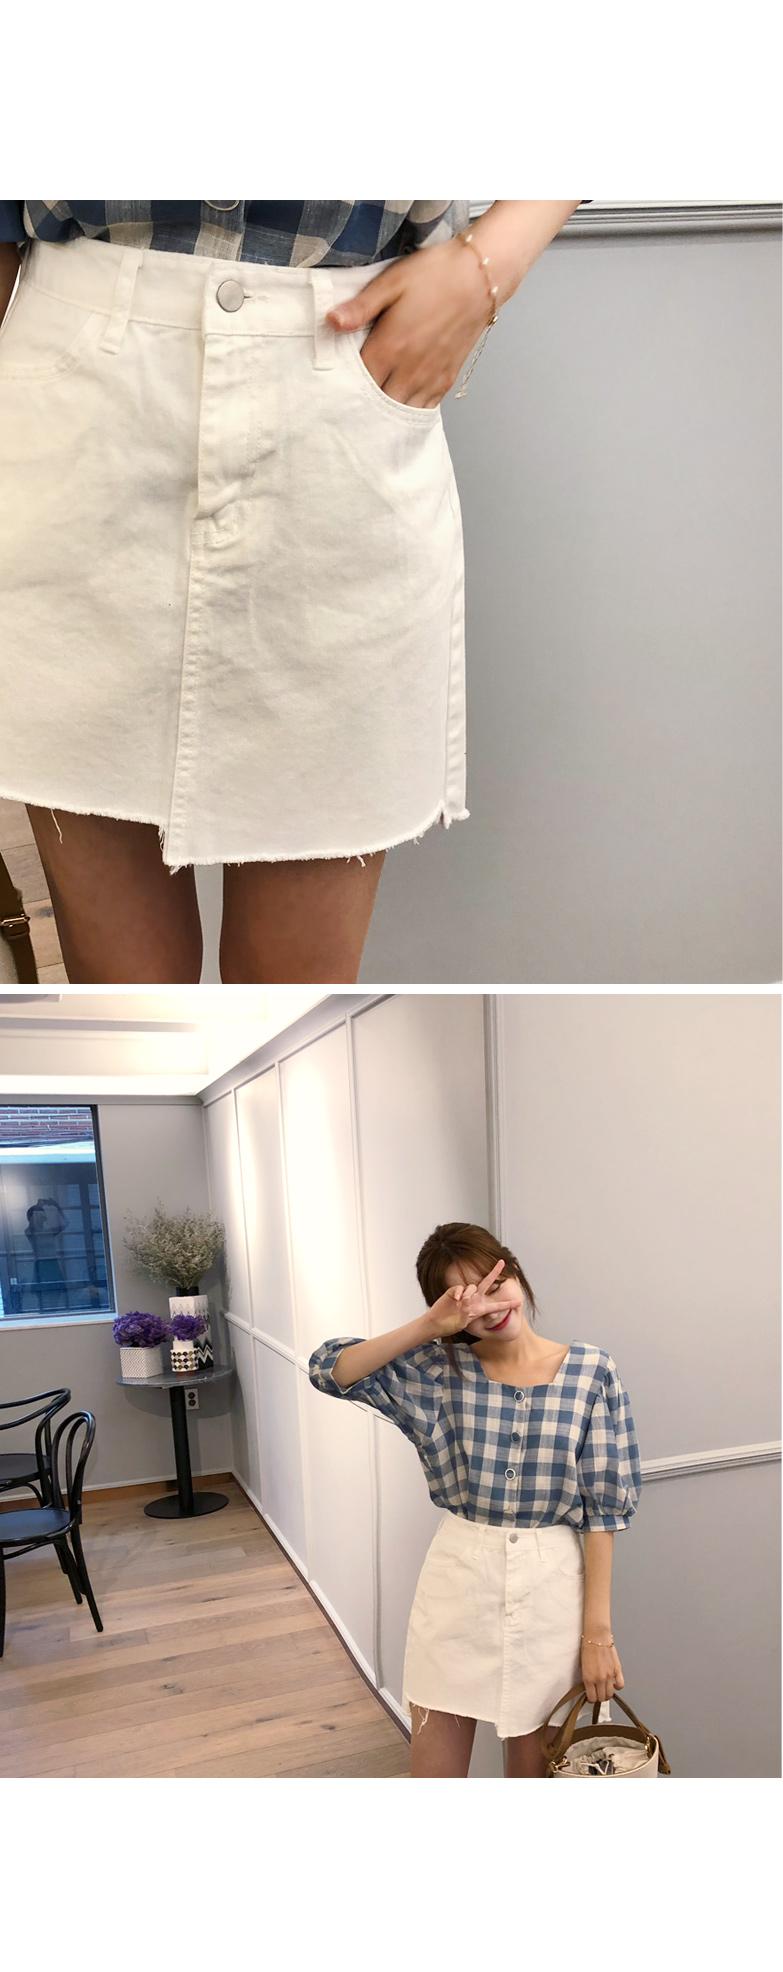 Daily denim skirt